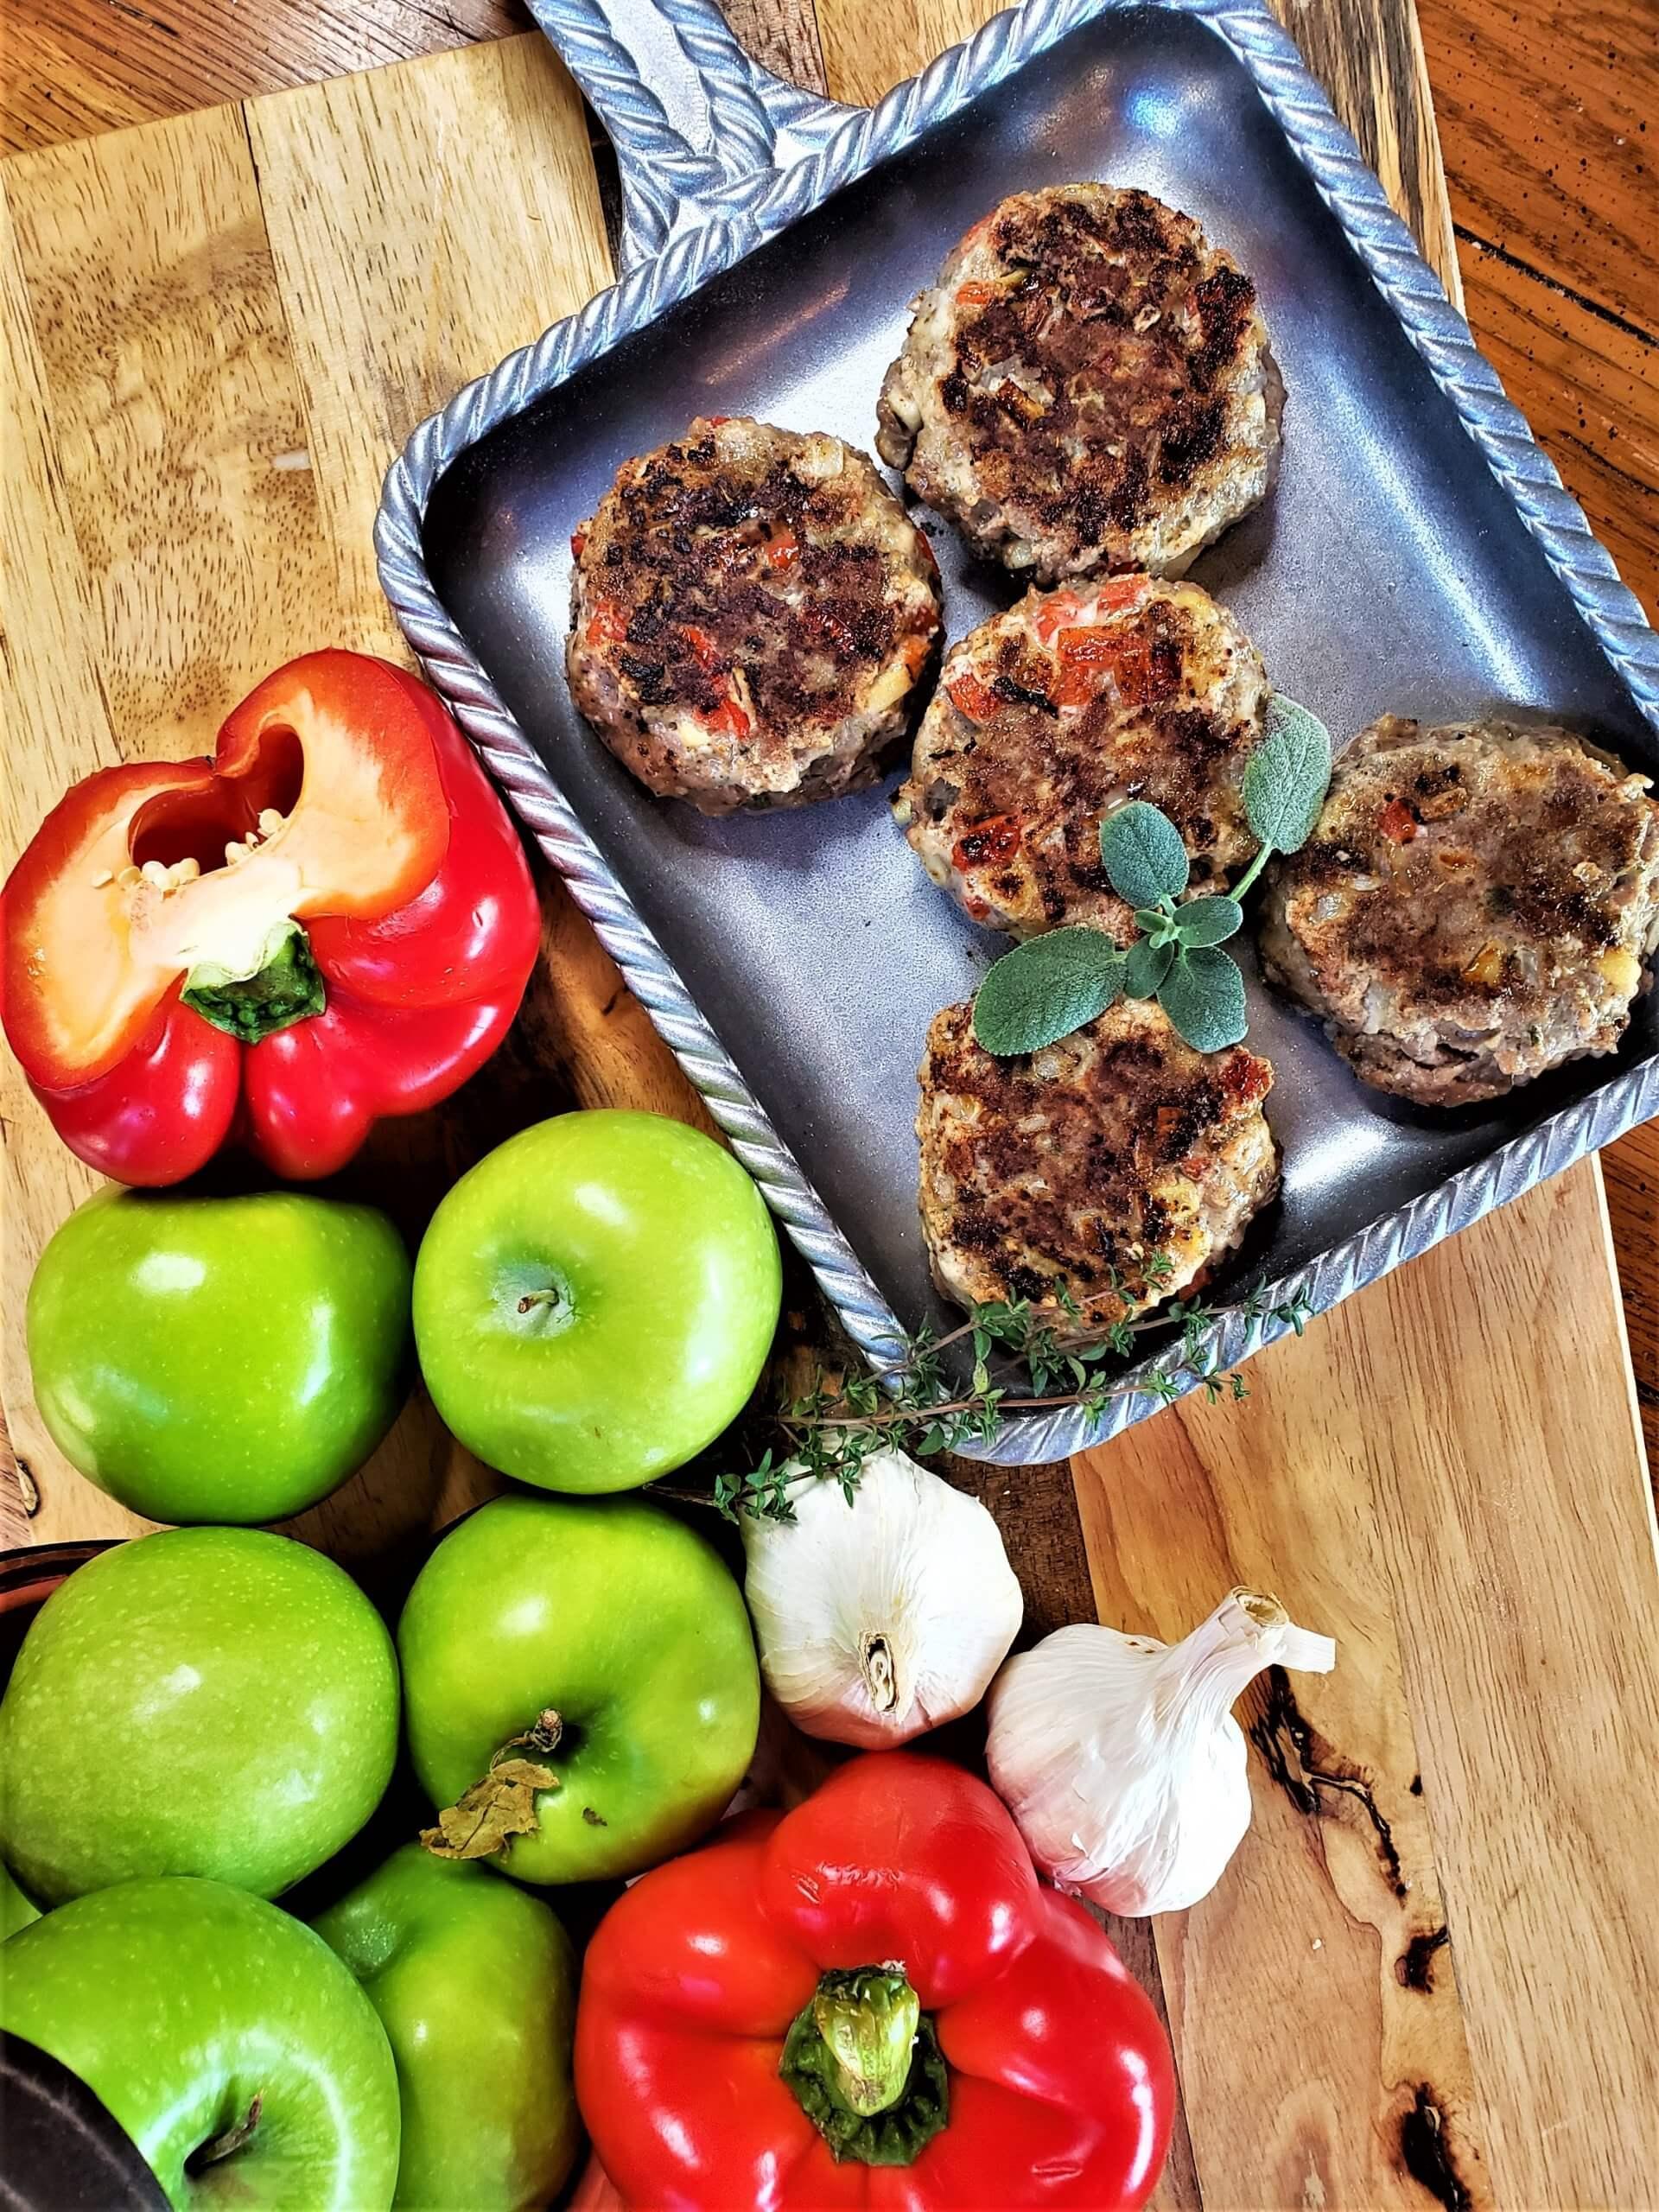 apple sage sausages on plate